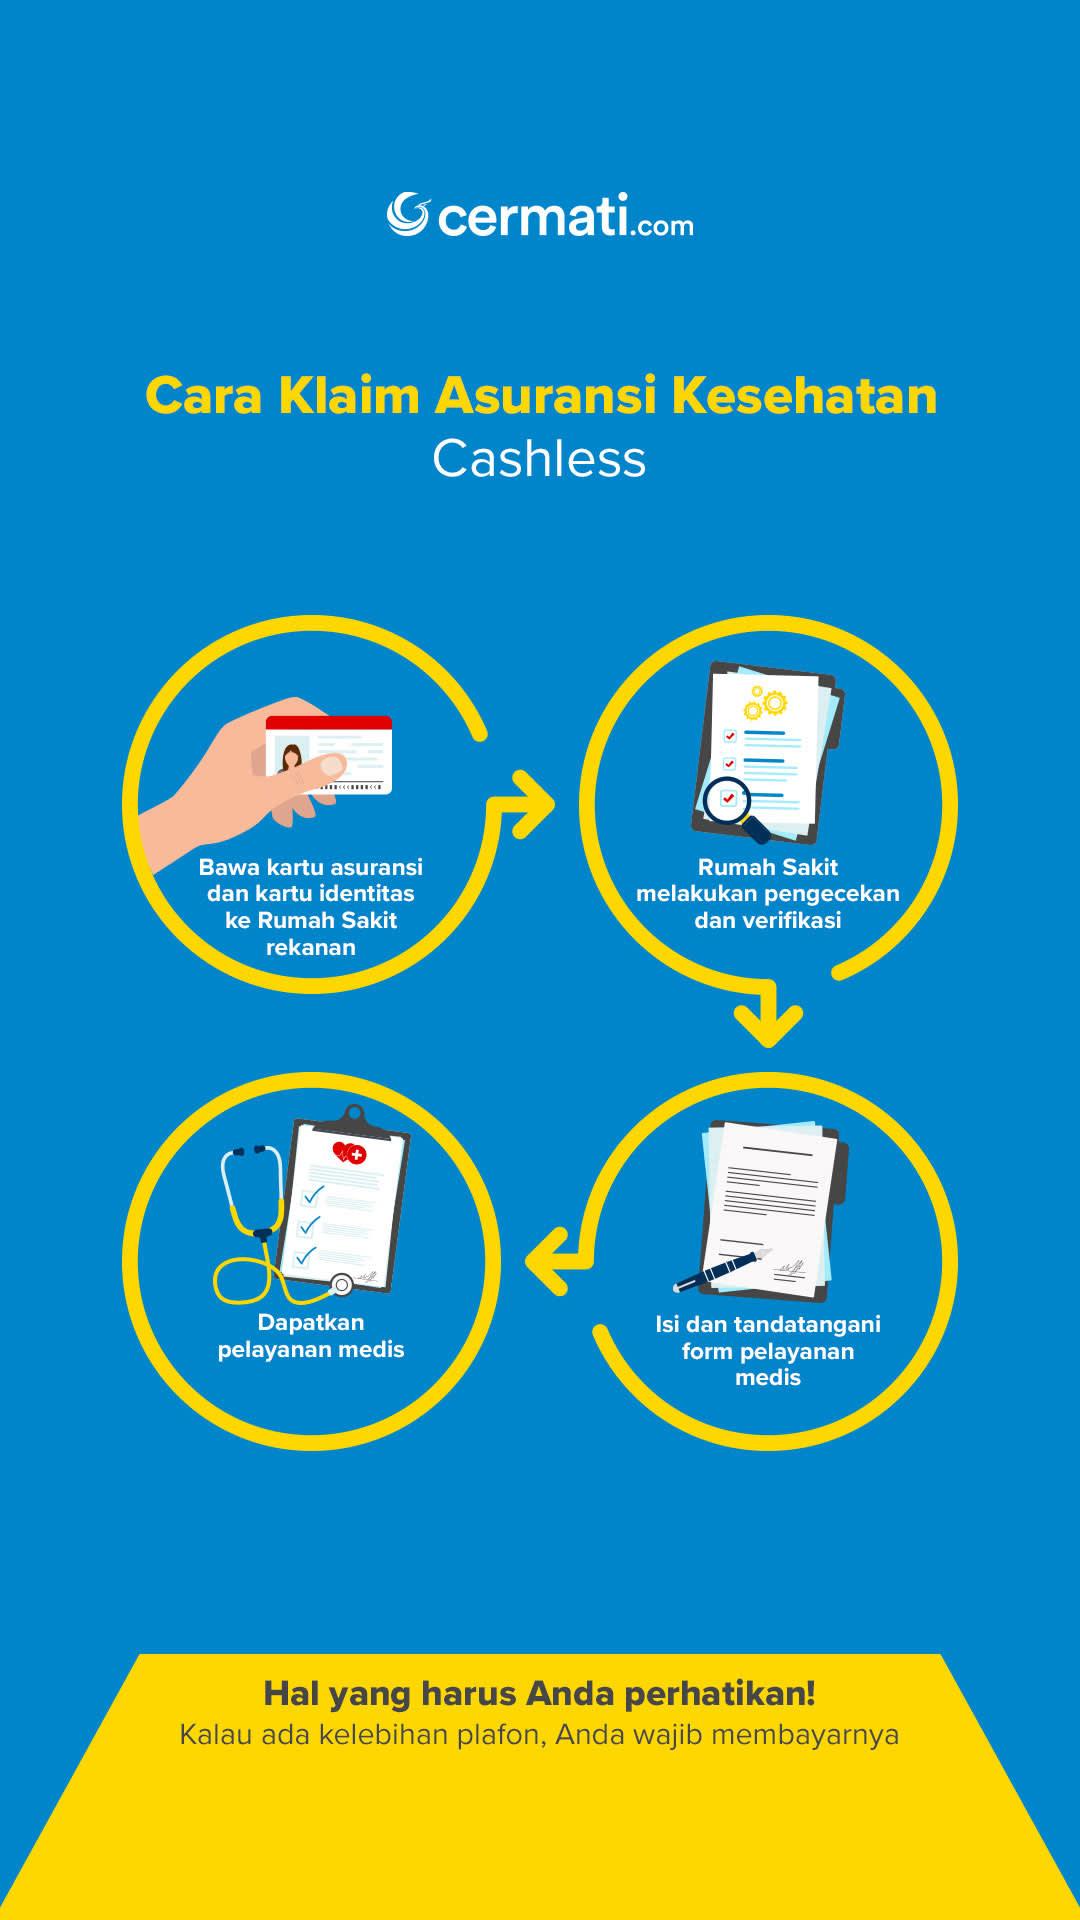 Cara Klaim Asuransi Kesehatan (Cashless)-Mobile